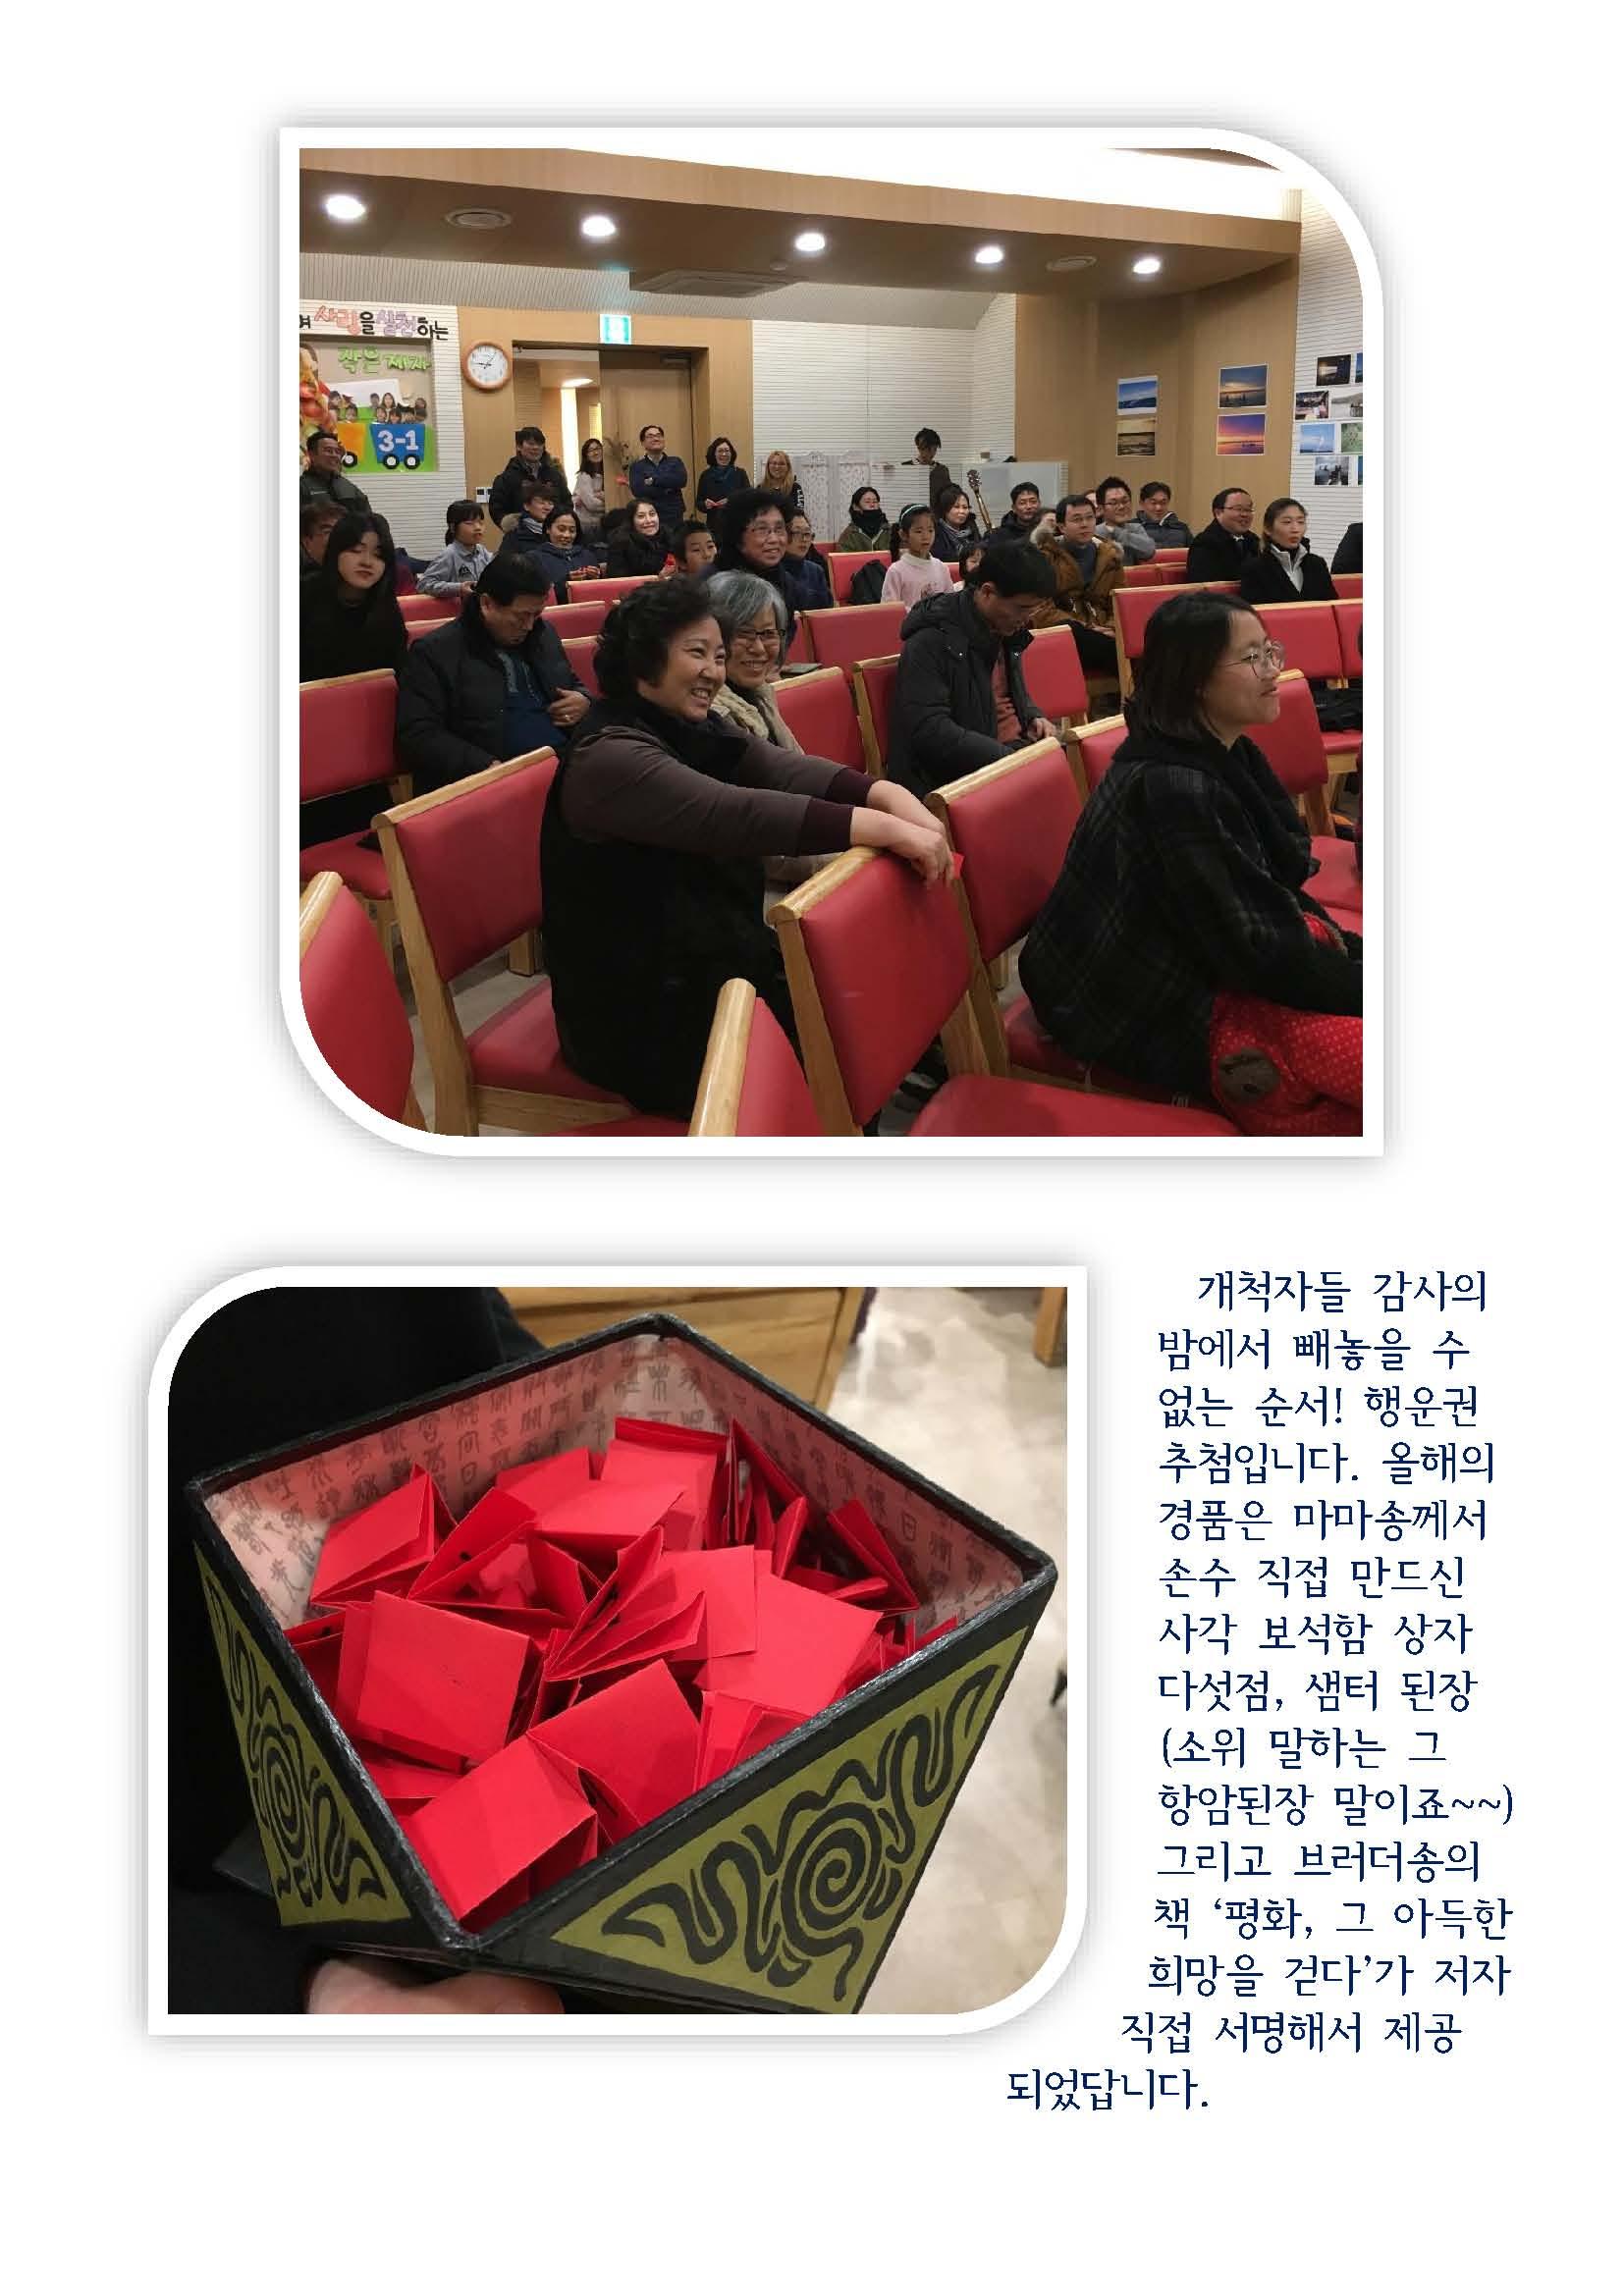 2017 사역보고 및 감사의 밤 후기_페이지_6.jpg